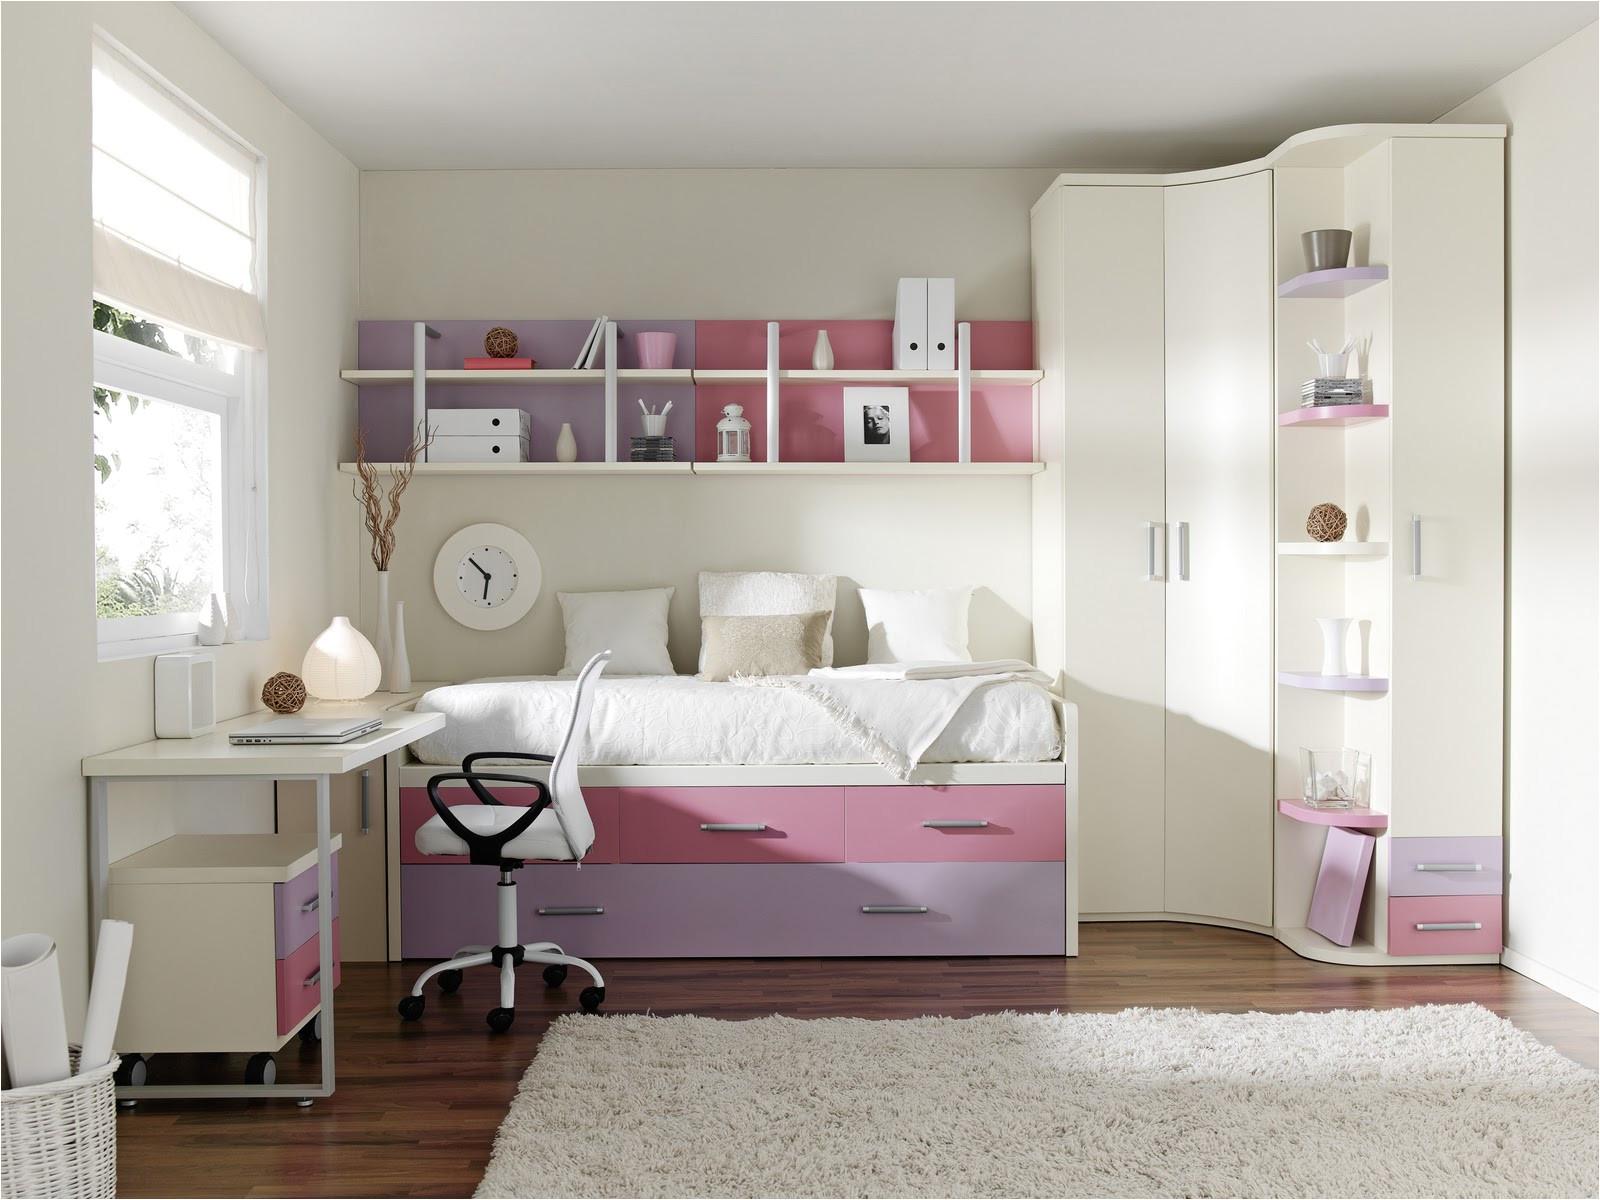 elegant full size of recamaras decoradas para jovenes mujeres decoracion cuartos pequenos ninas comorar with dormitorios modernos para jovenes